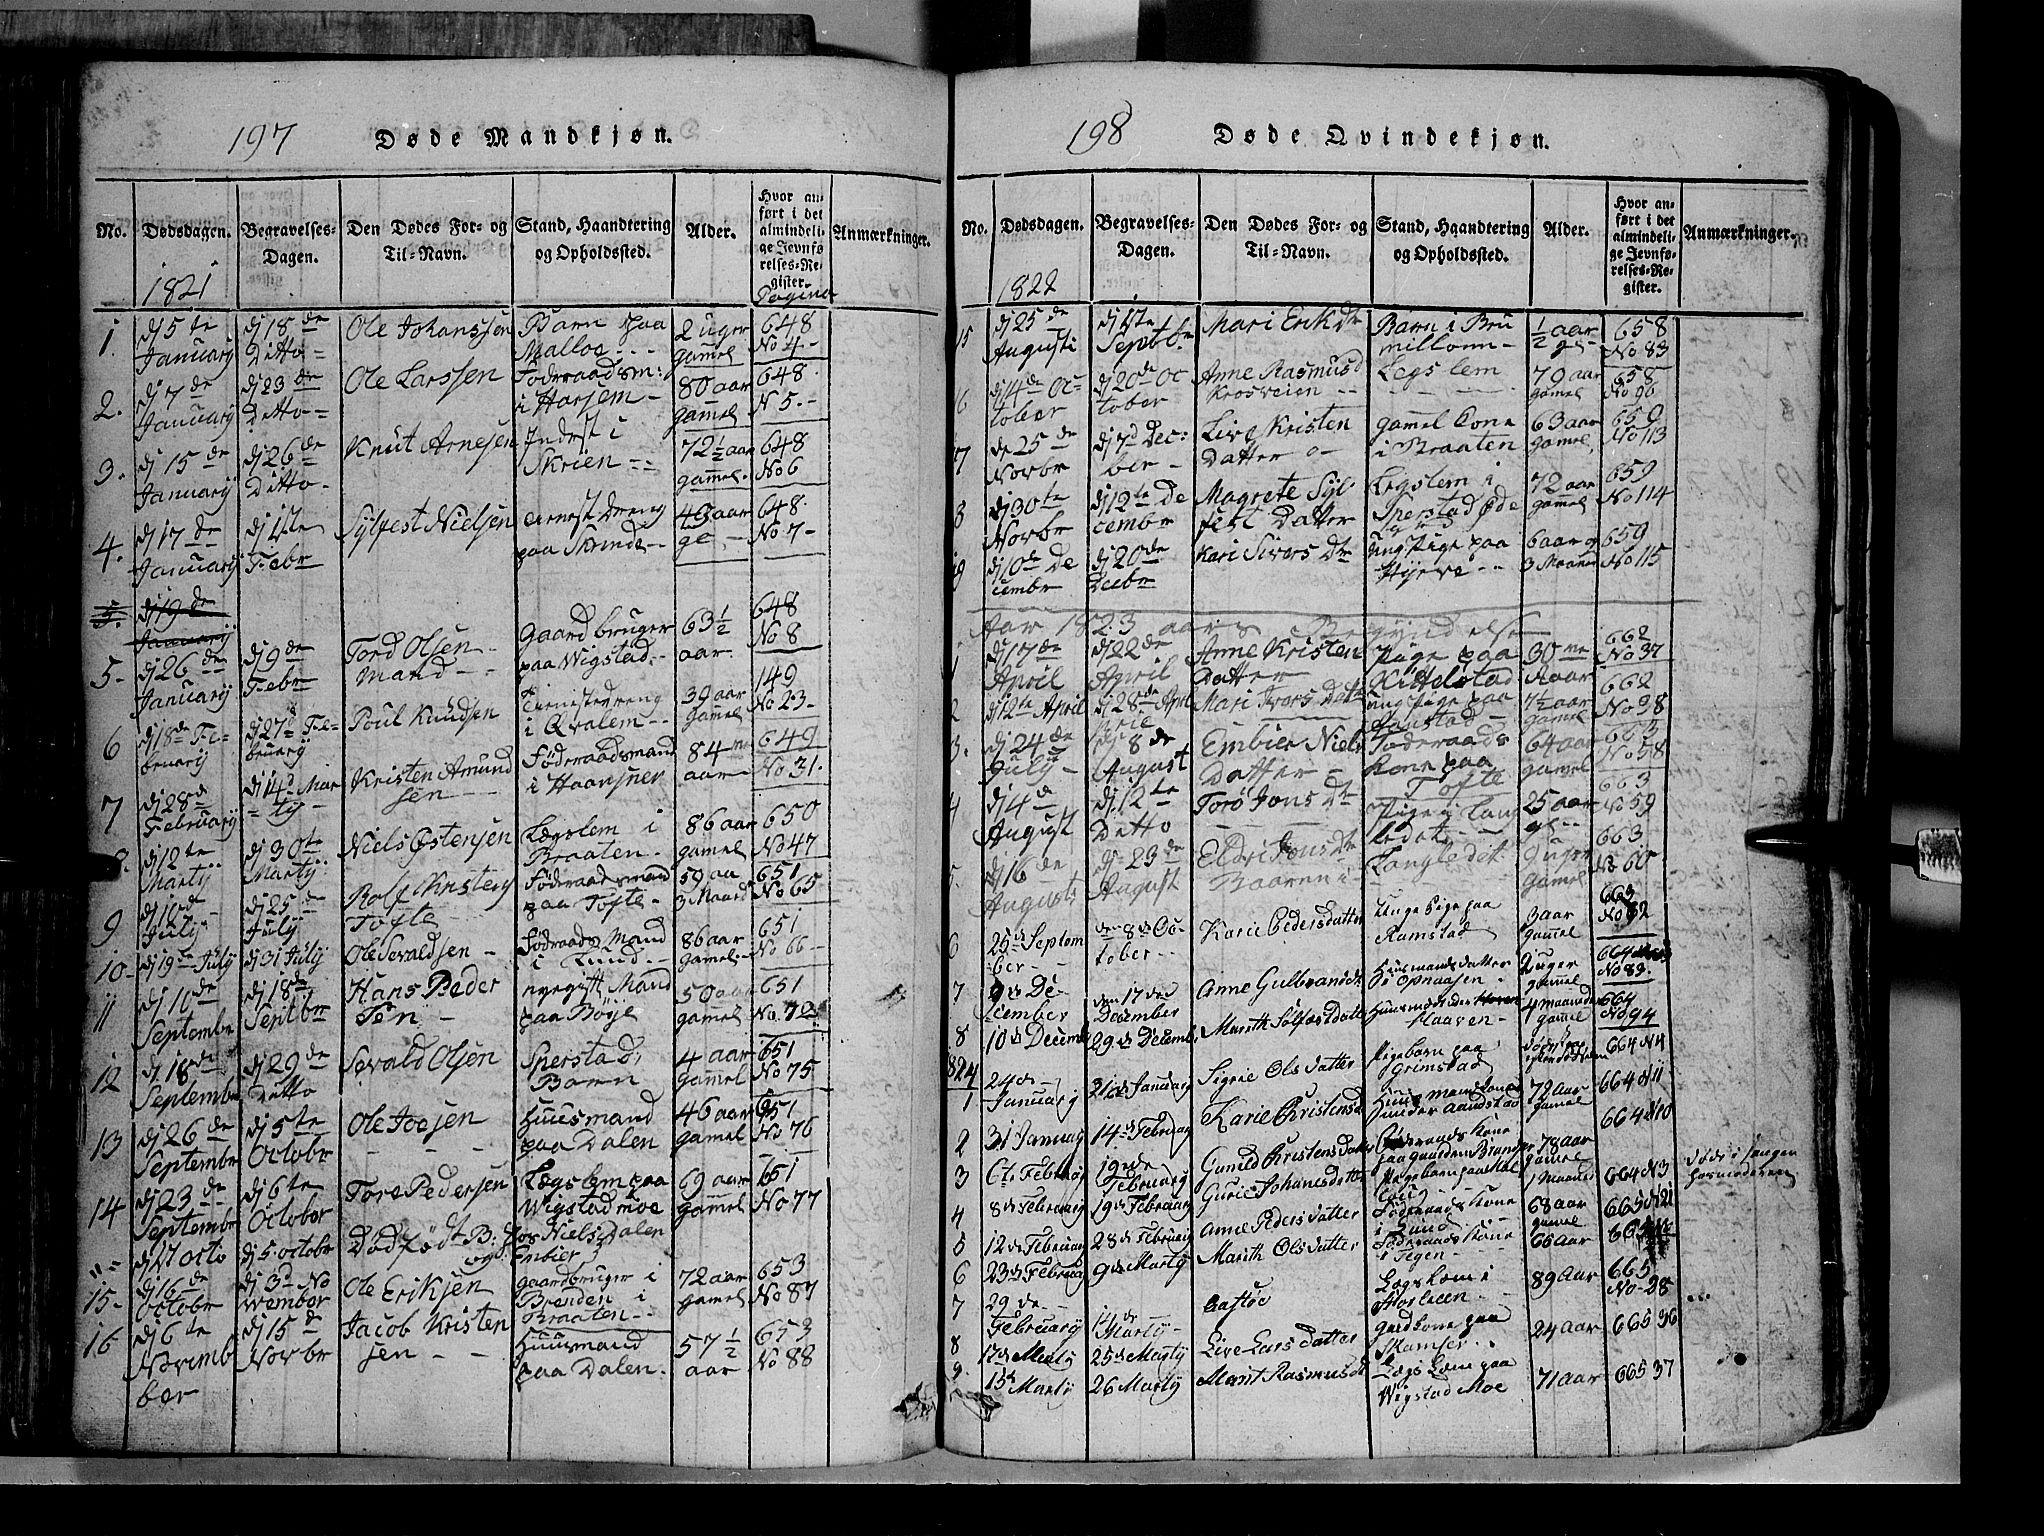 SAH, Lom prestekontor, L/L0003: Klokkerbok nr. 3, 1815-1844, s. 197-198